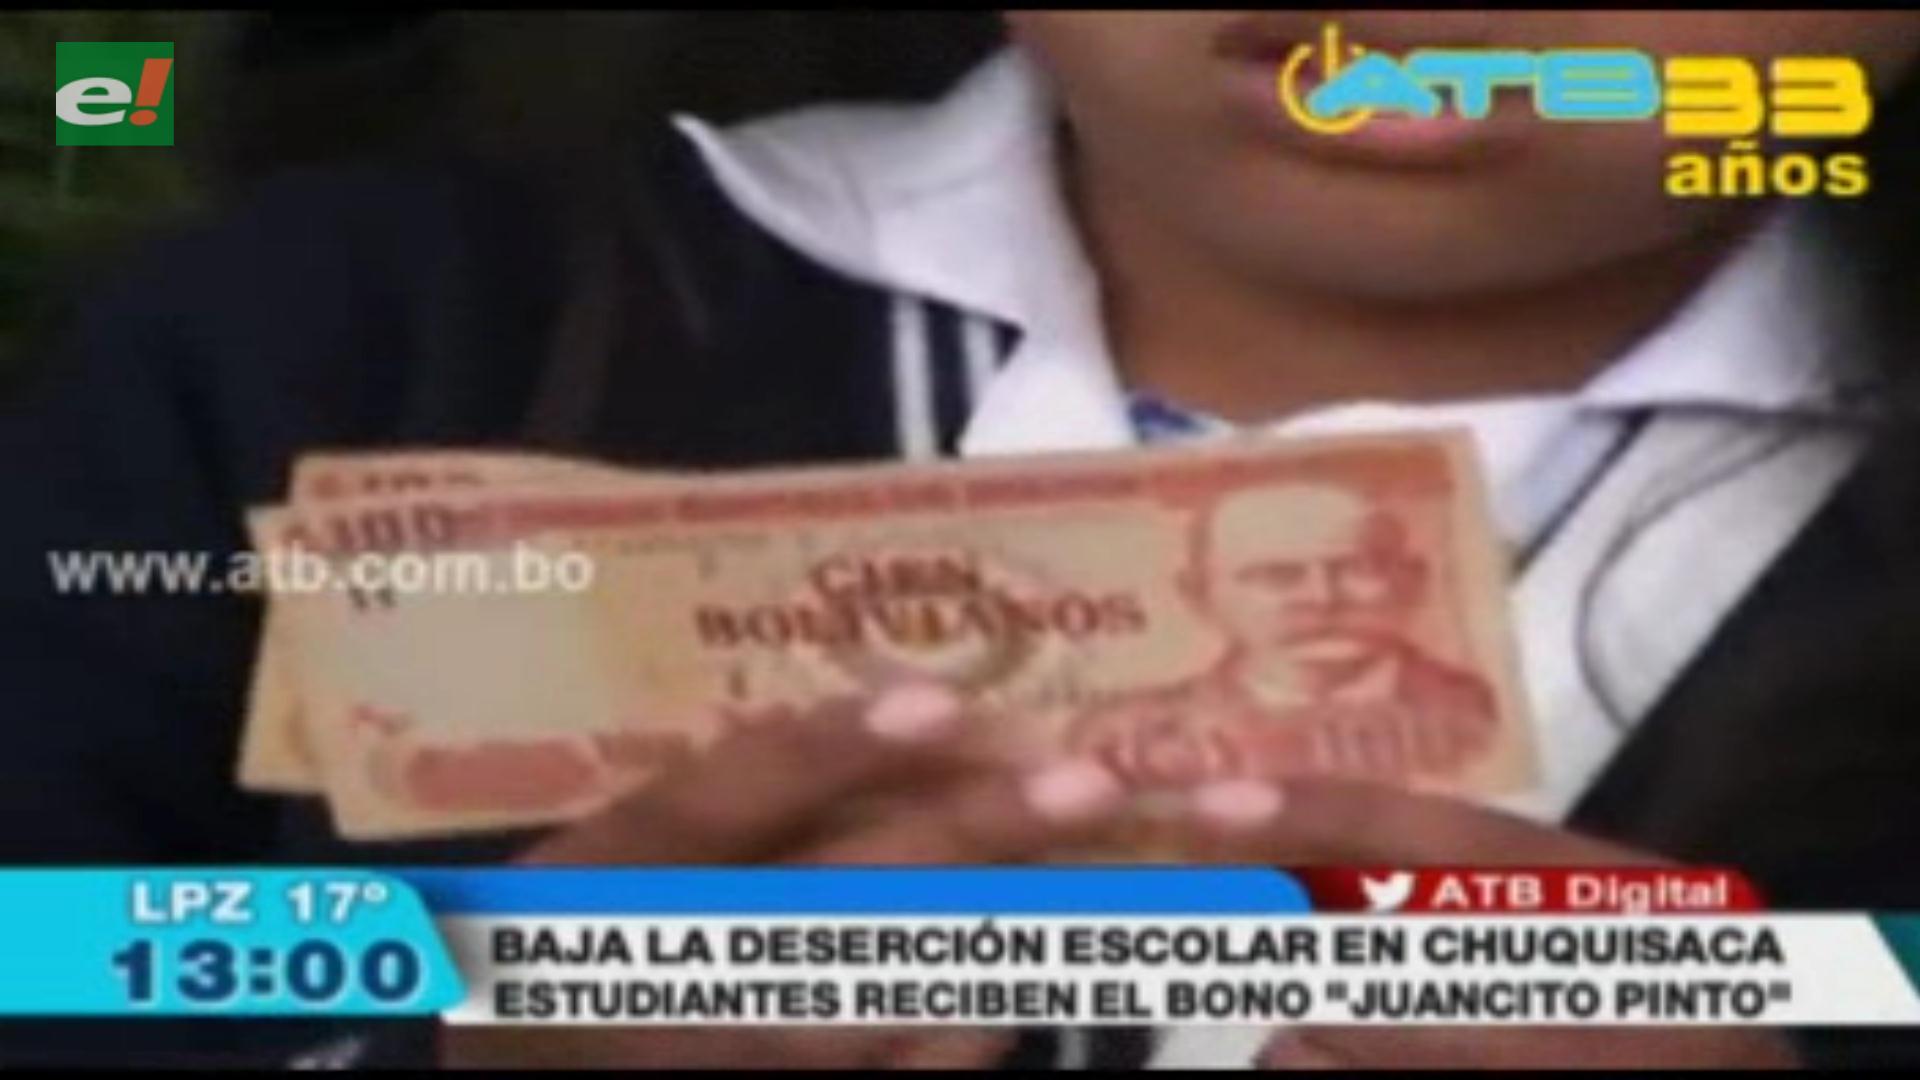 Entrega del bono Juancito Pinto ayudó a bajar la deserción escolar a un 1%